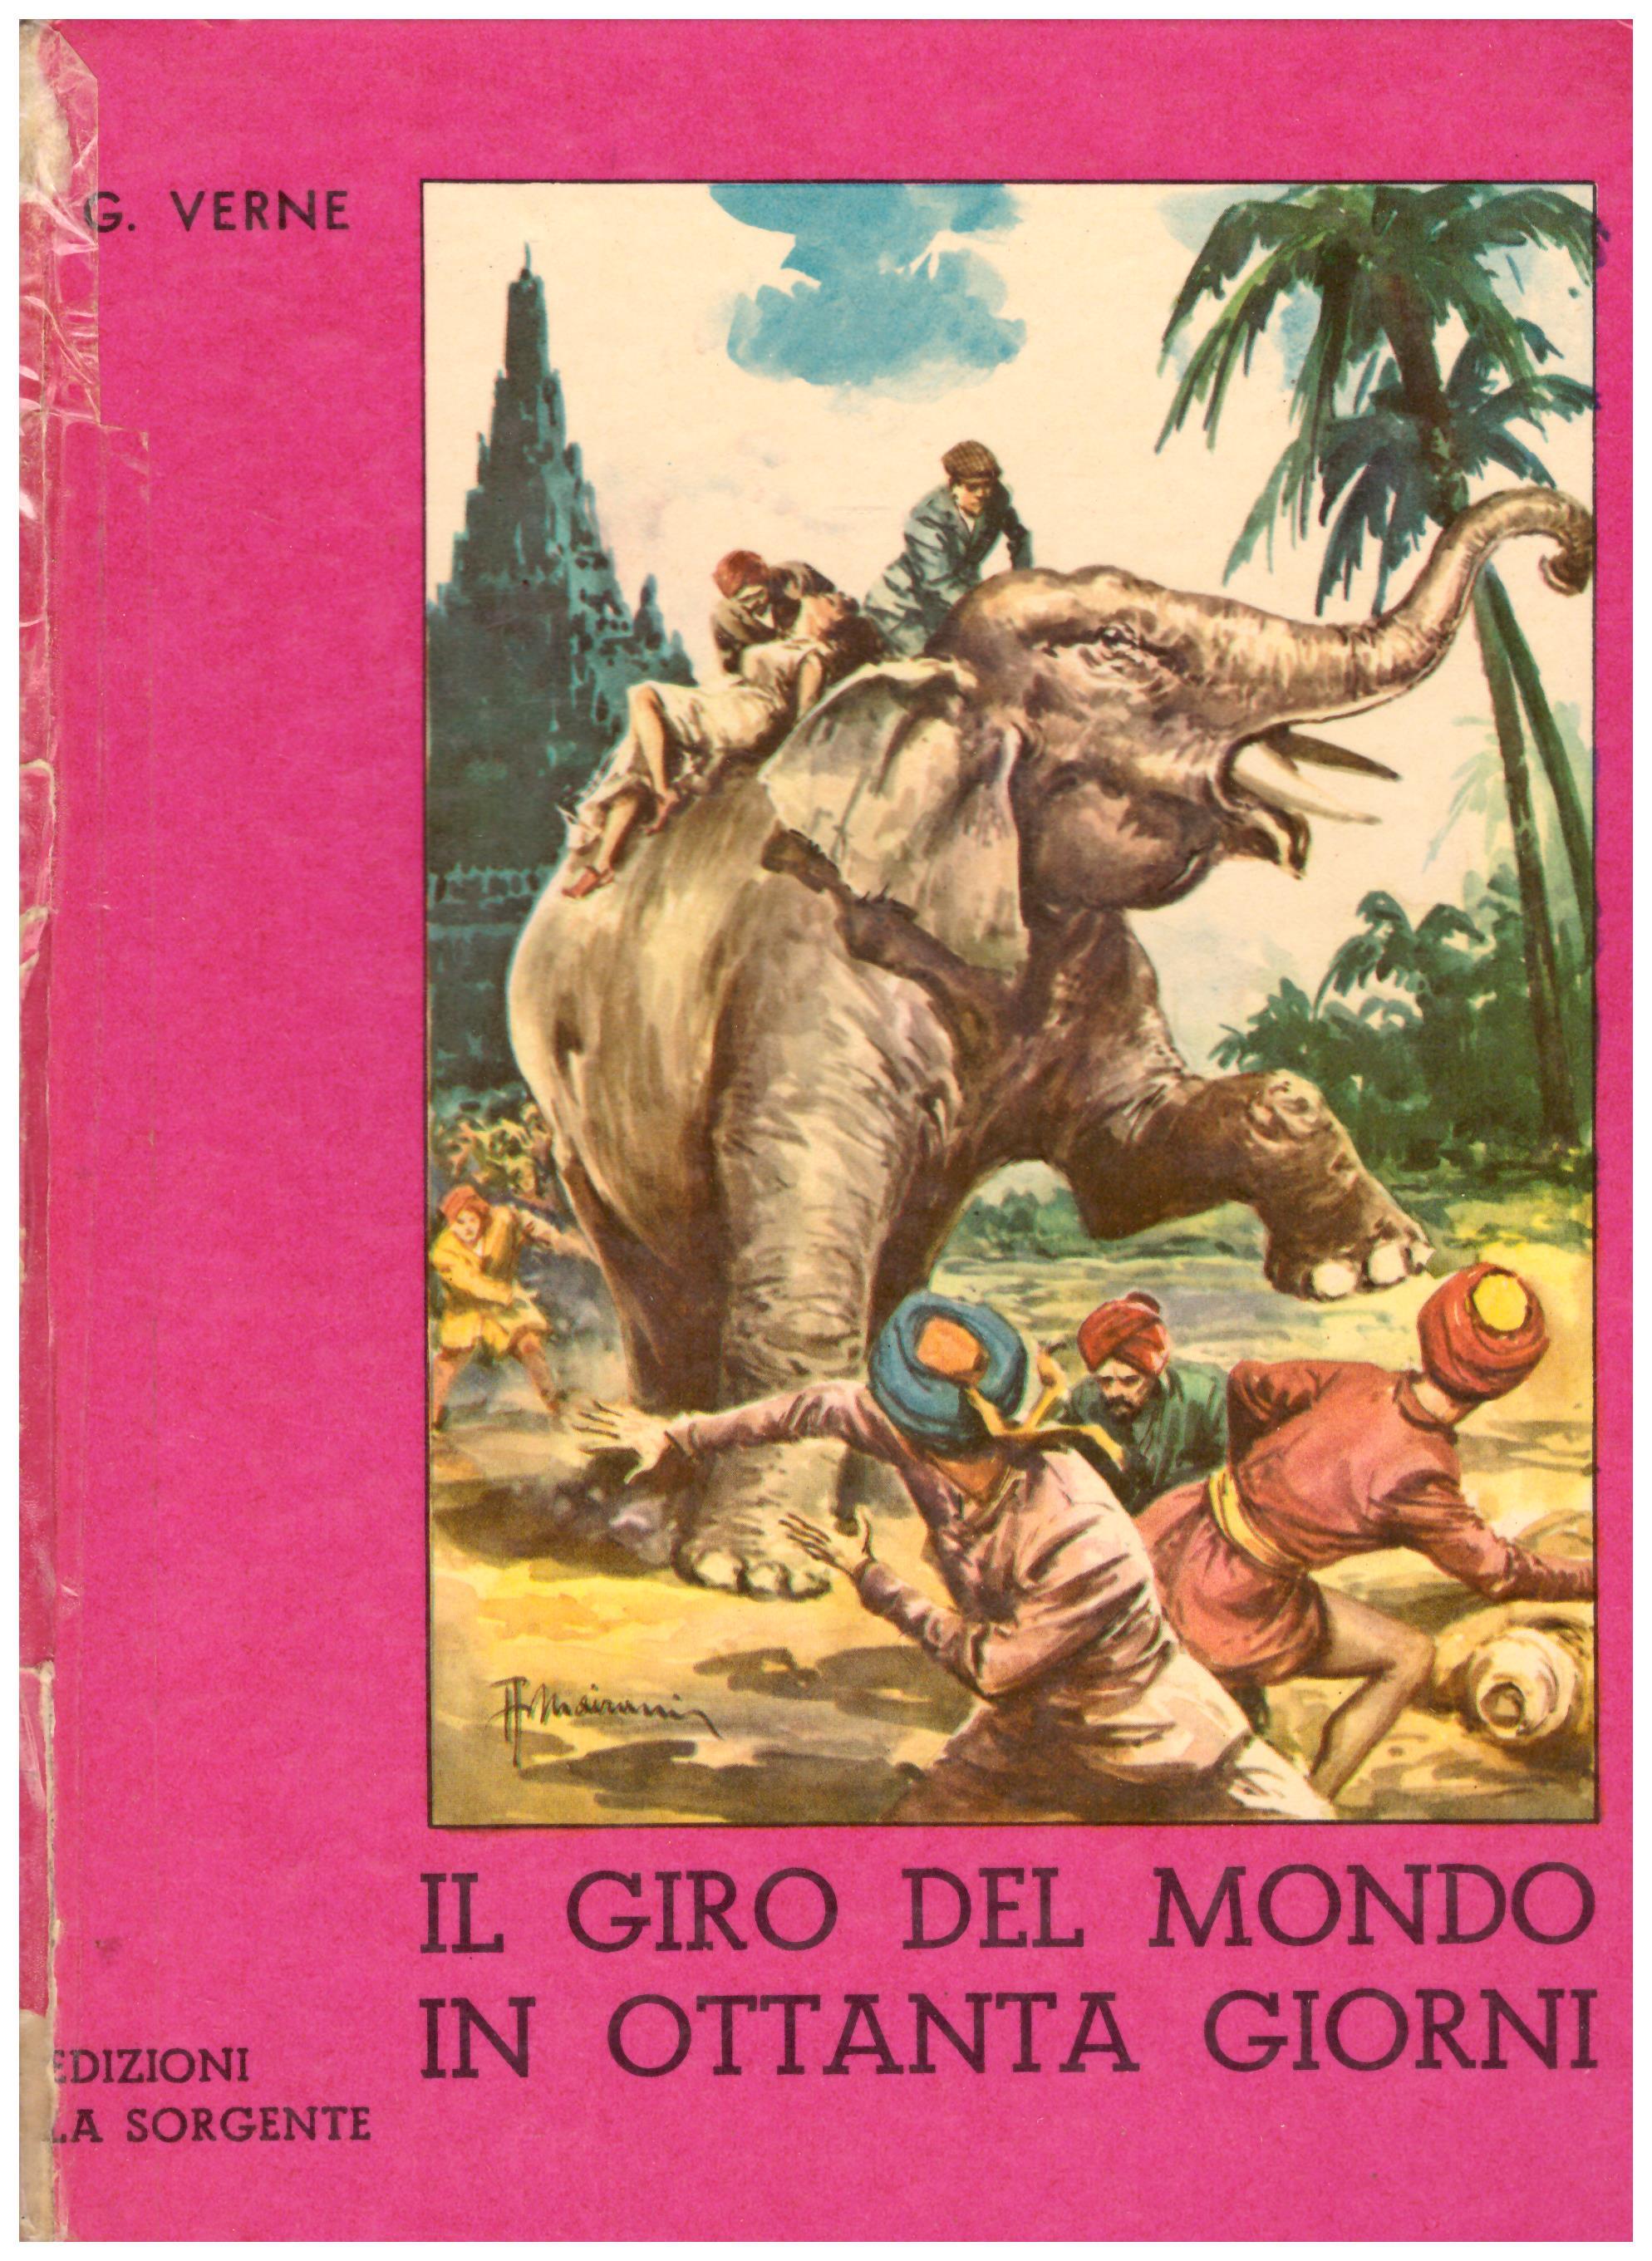 Titolo: Il giro del mondo in ottanta giorni Autore: Giulio Verne Editore: La Sorgente, Milano 1956